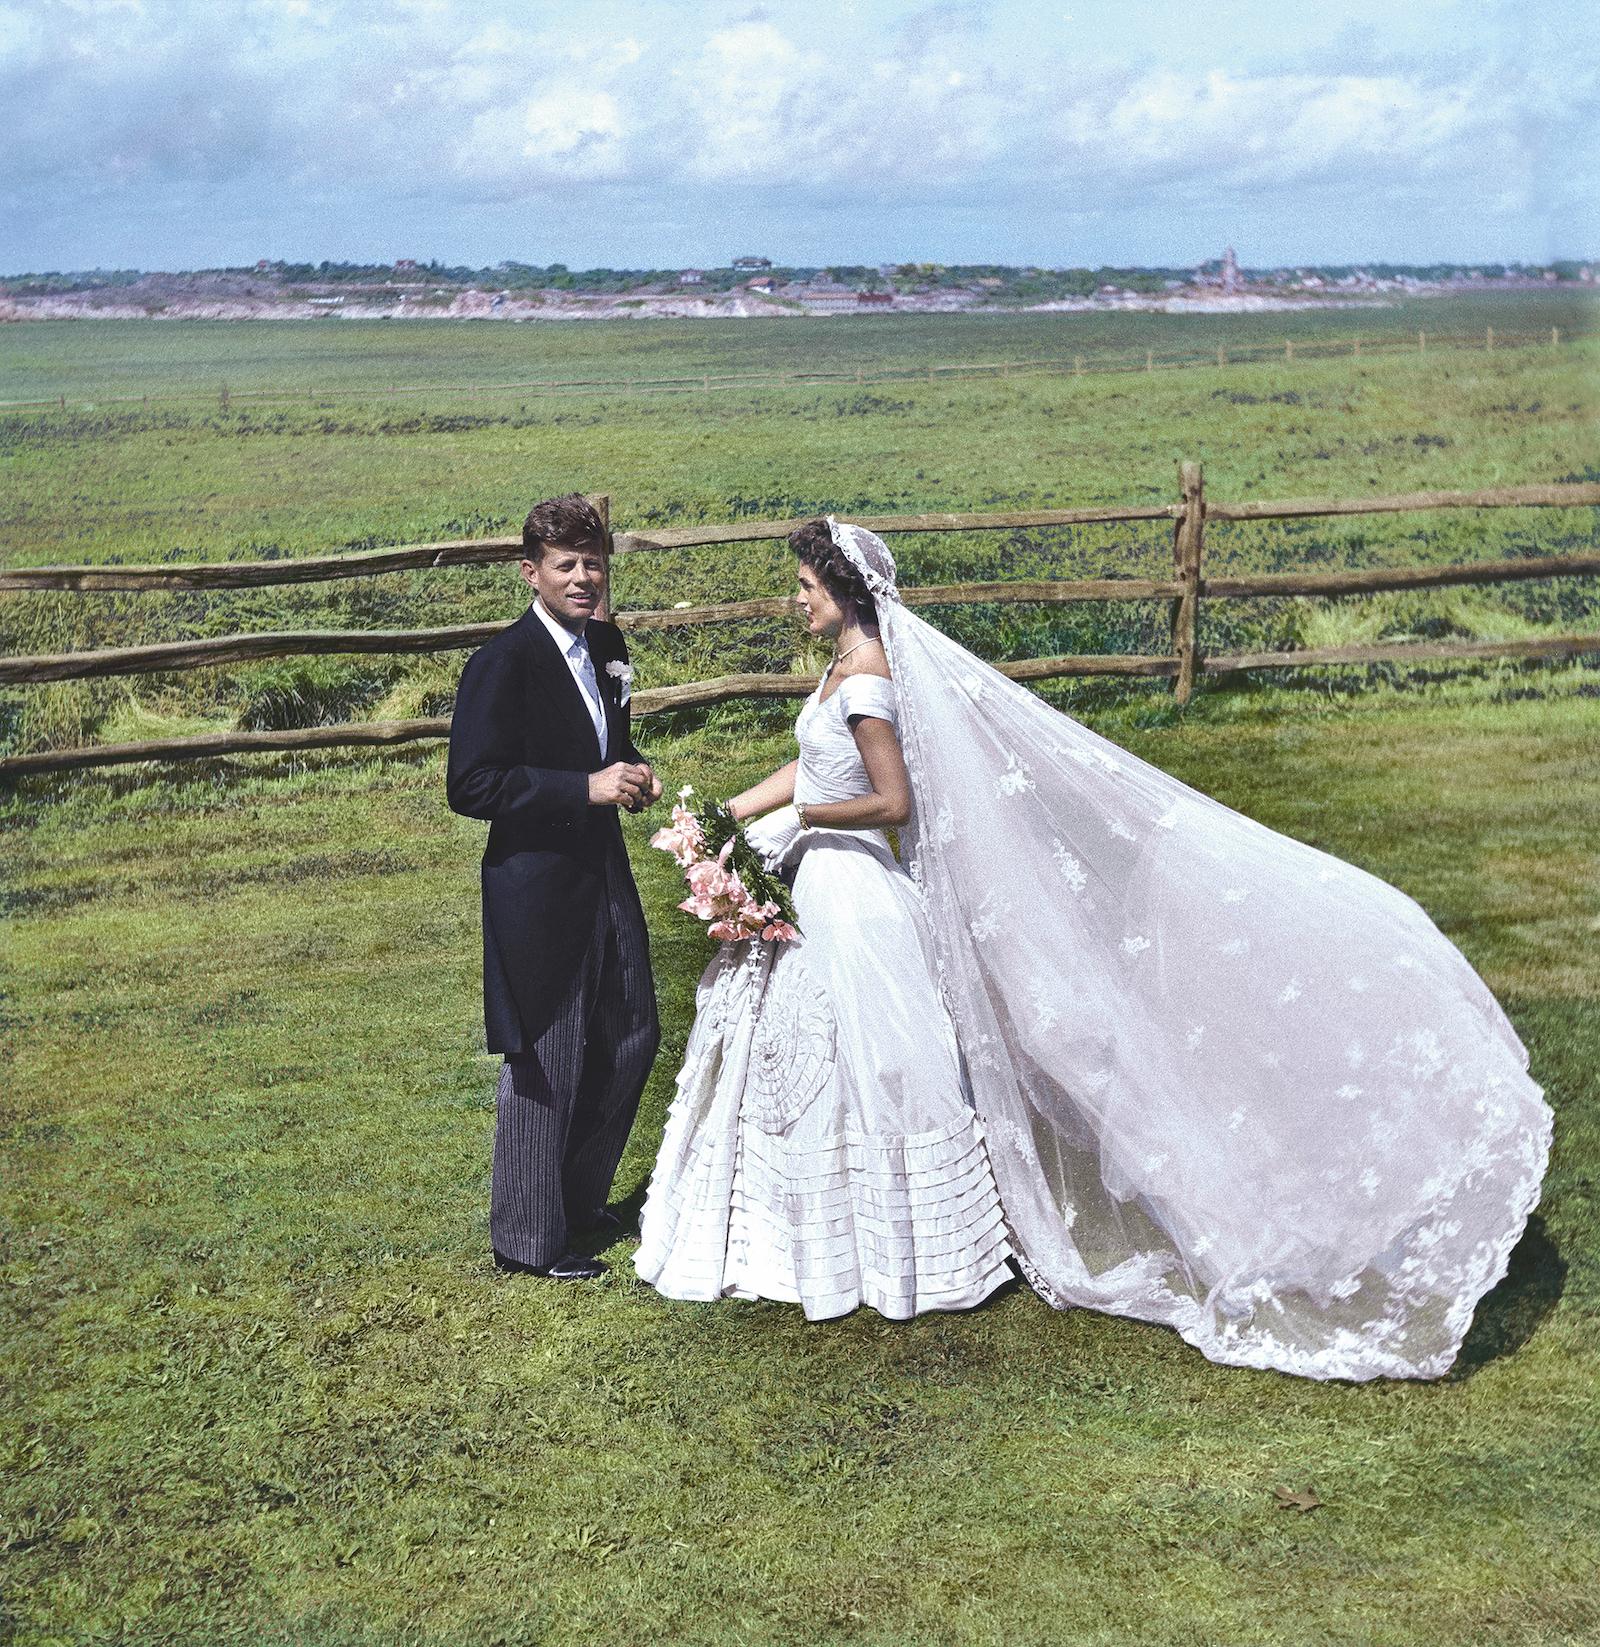 La boda de John y Jacqueline Kennedy.